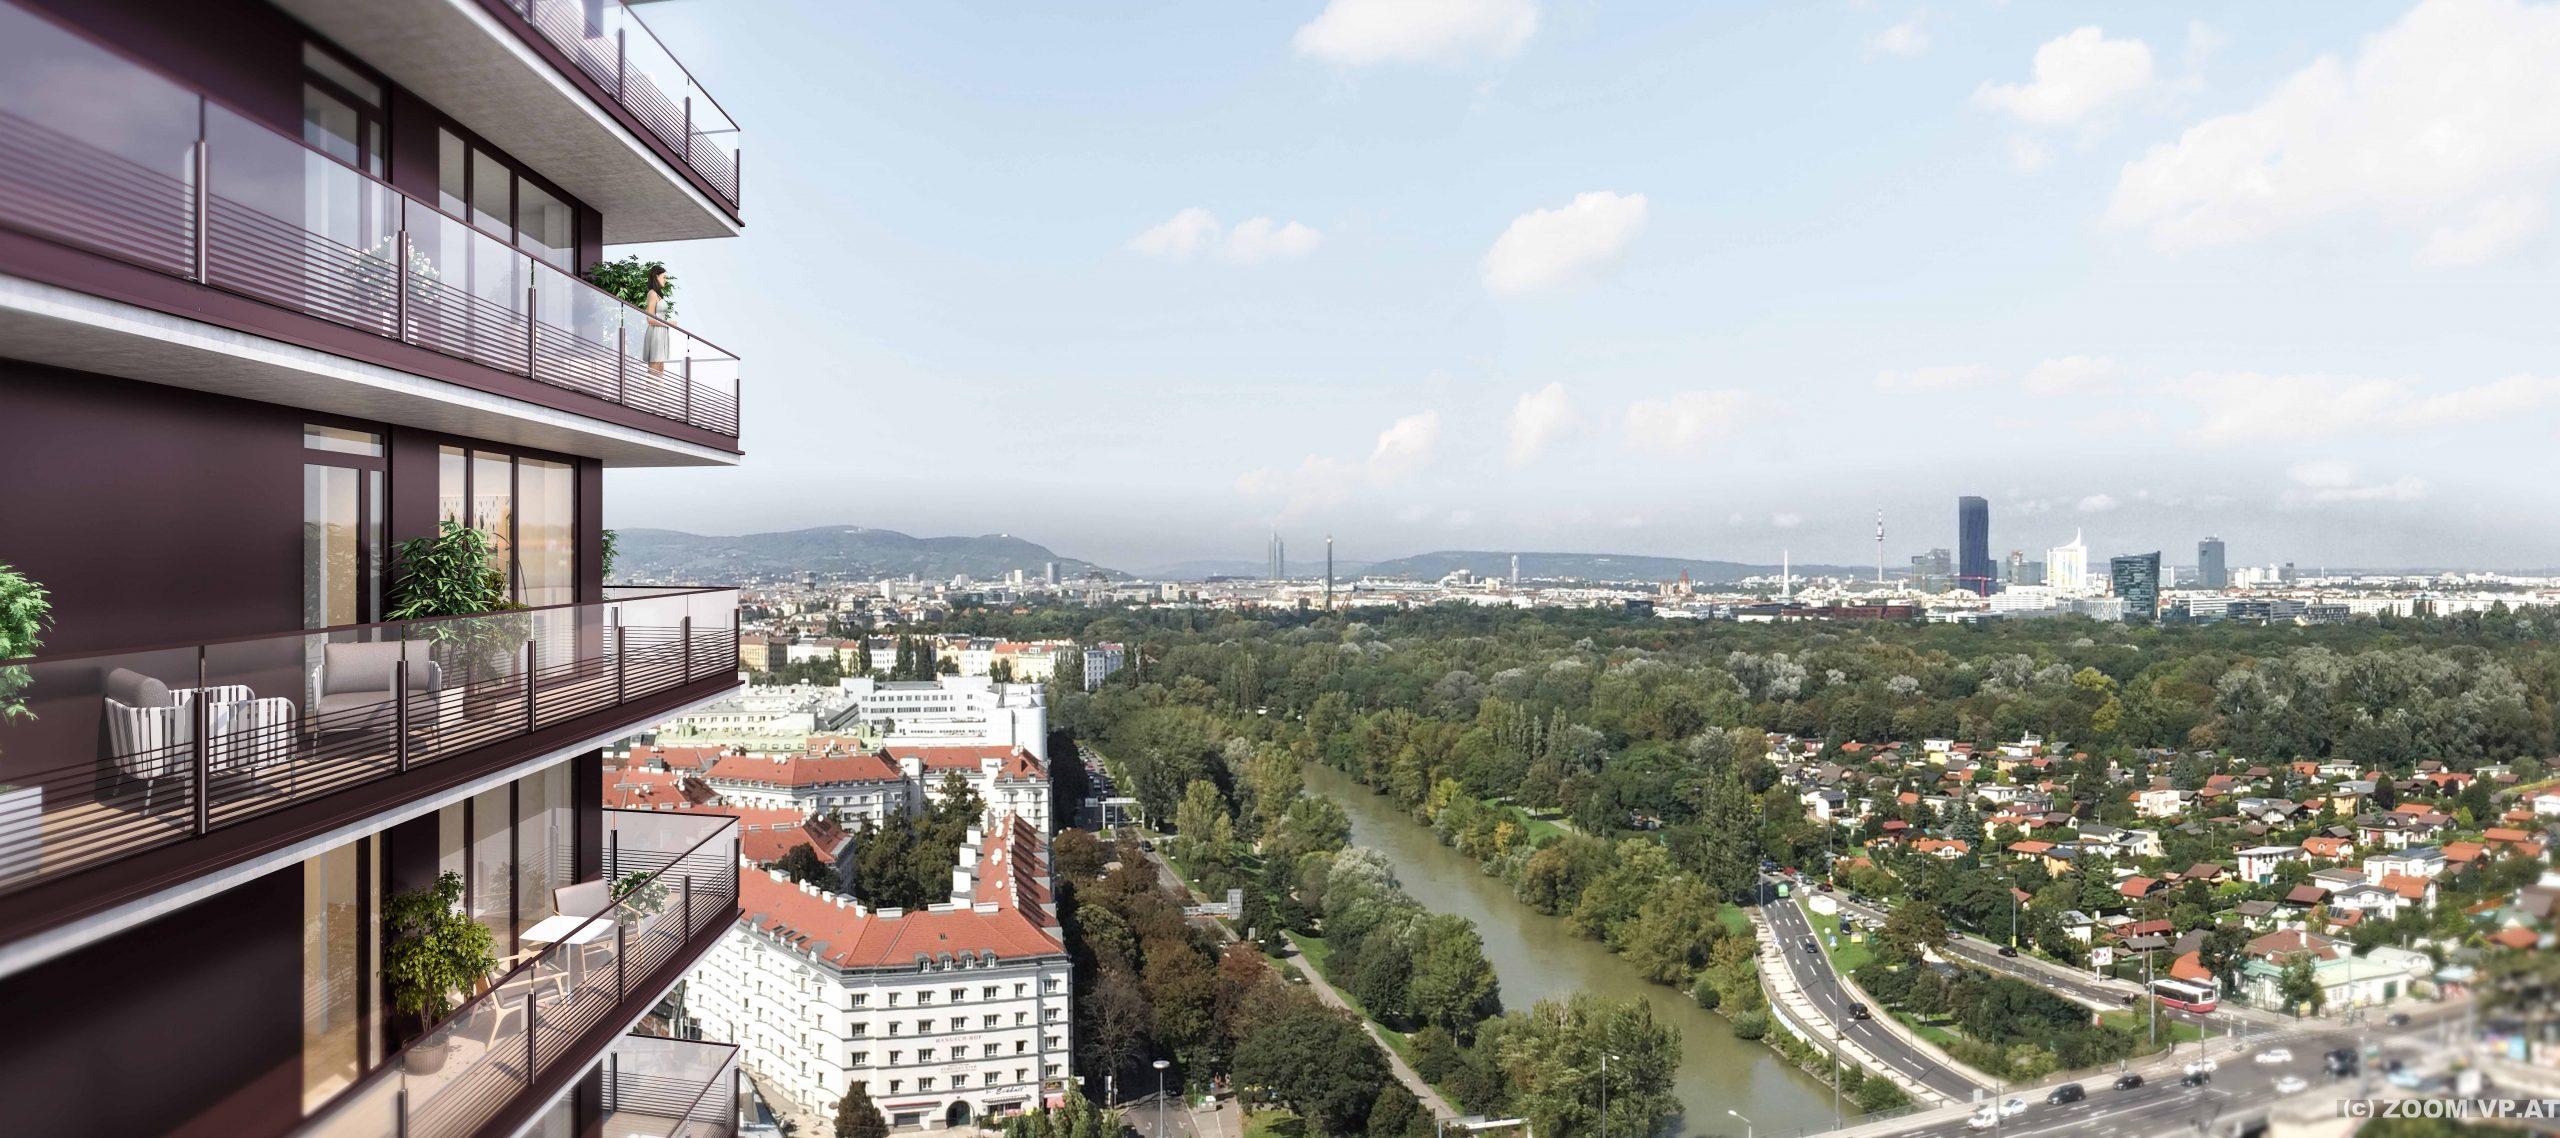 """Spektakulär: Auf 73.000 Quadratmeter Nutzfläche sollen ab Mitte 2021 rund 500 Wohnungen sowie 12.000 Quadratmeter Büroflächen in den """"TrIIIple Tower"""" zur Verfügung stehen (Credit: ZOOM VP)"""